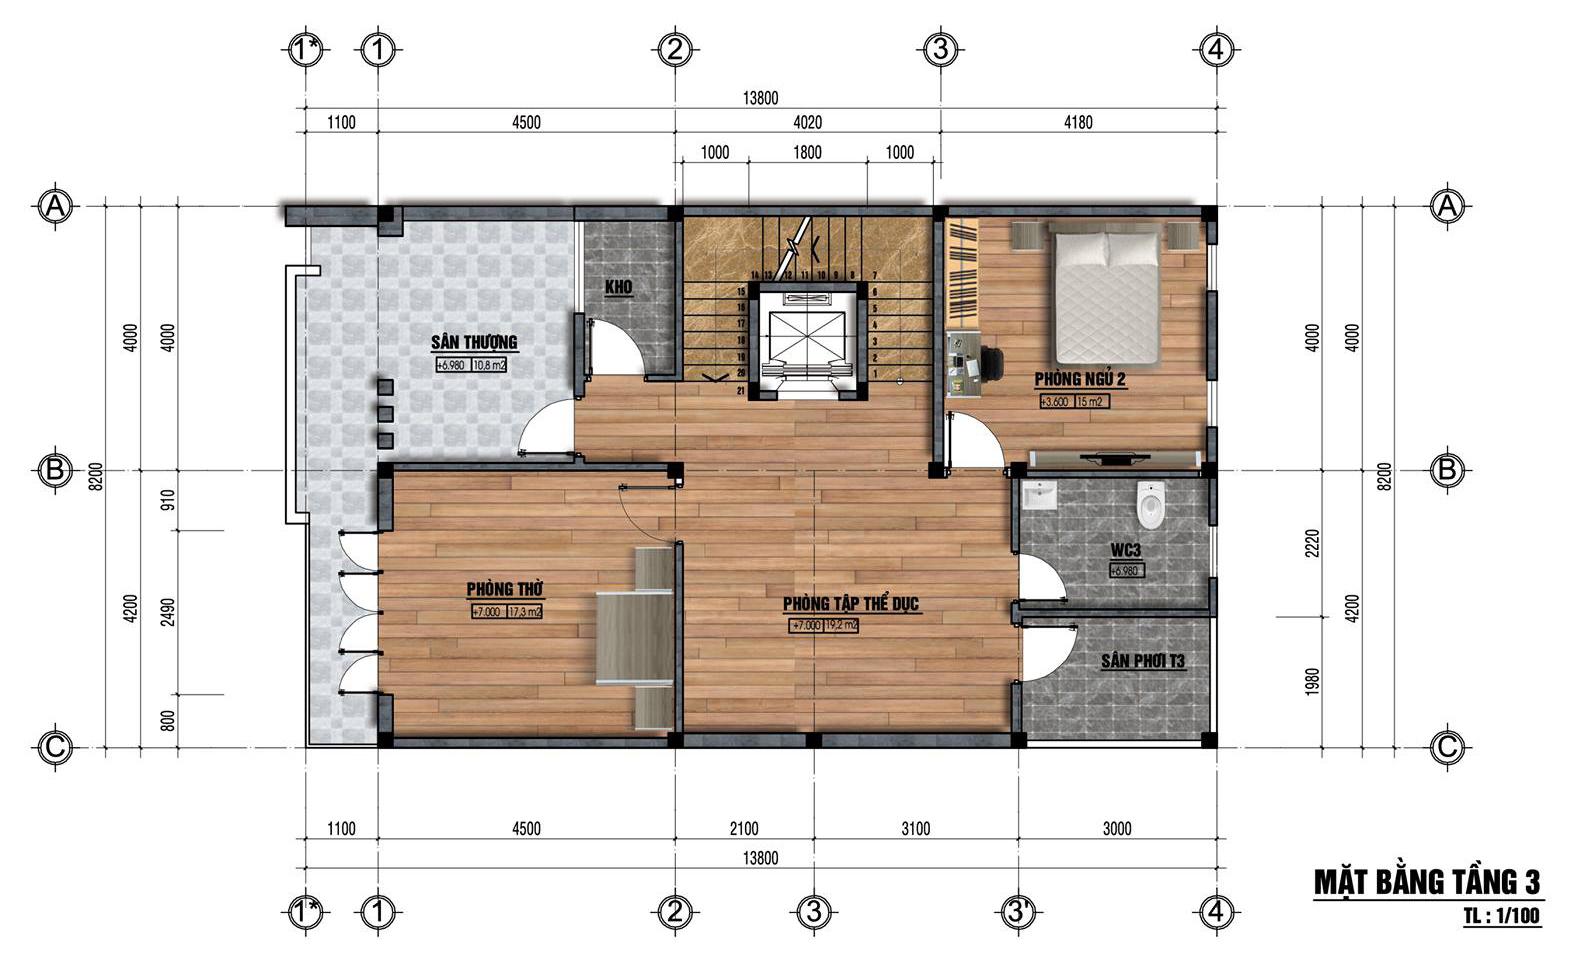 Mặt bằng tầng 3 mẫu nhà đẹp 8x14m